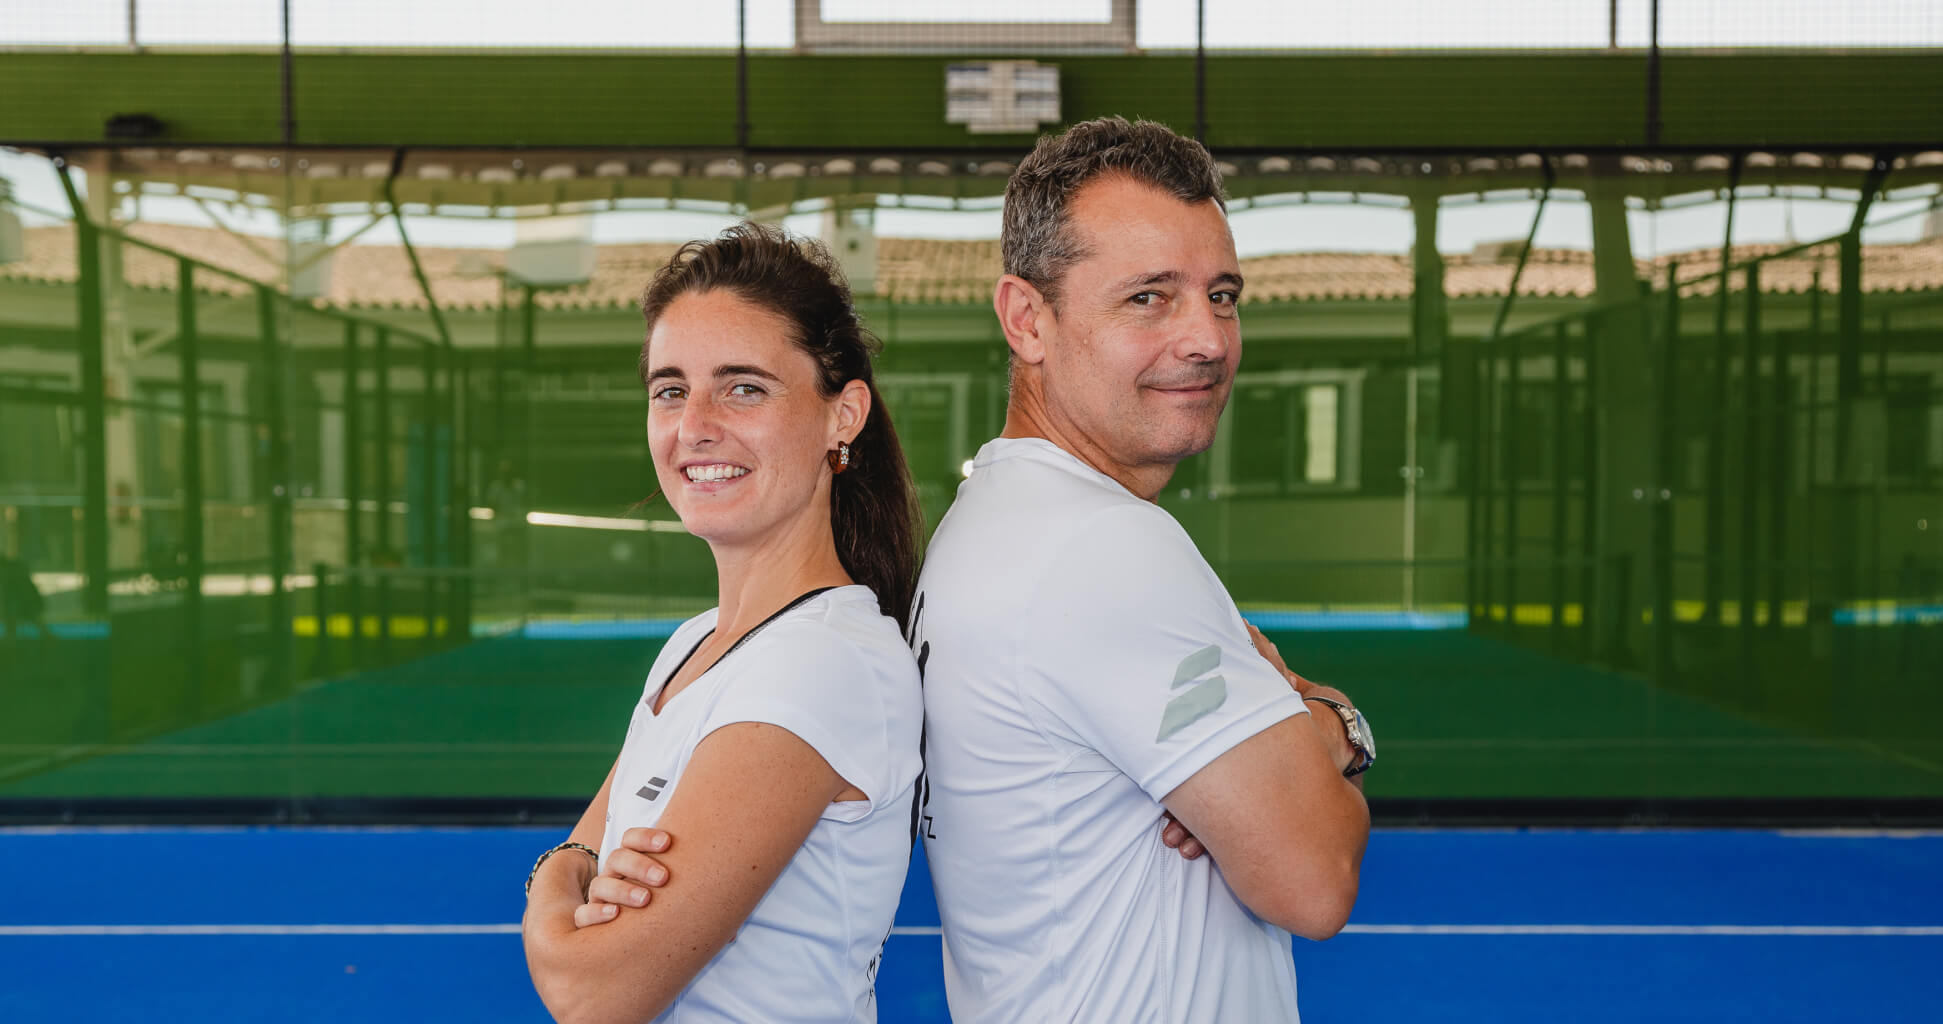 The Players y Marina Pinacho renuevan su compromiso para la temporada 2019/2020